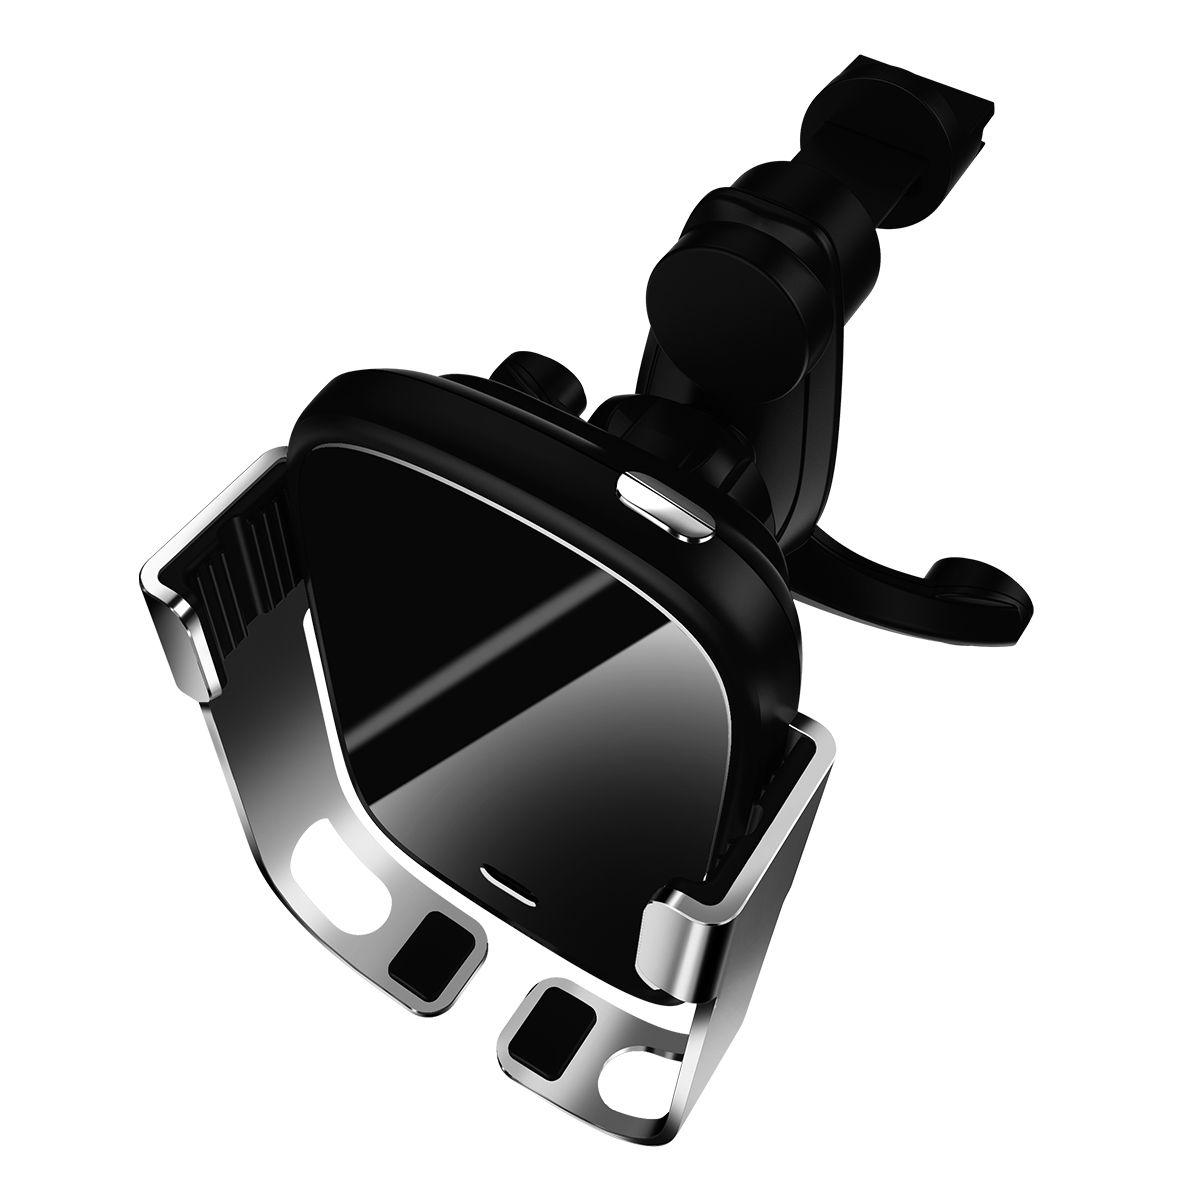 Suporte Veicular com Carregamento sem Fio Baseus Rock-Solid 10W